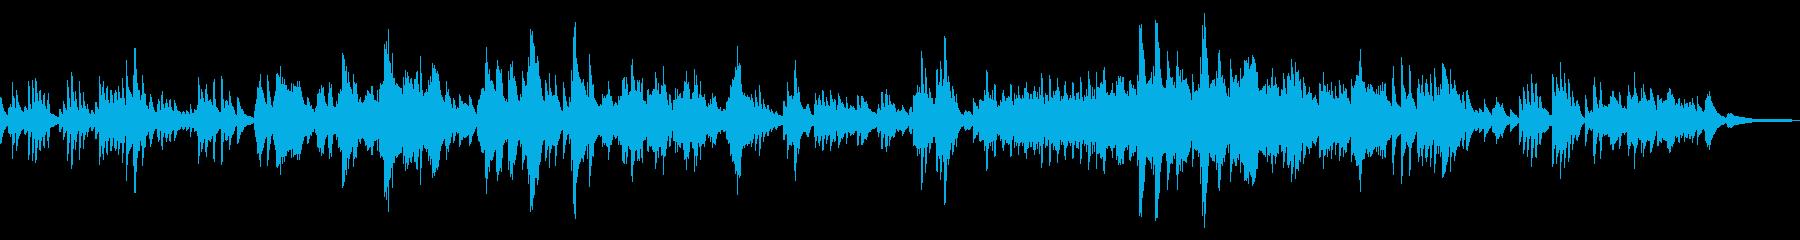 切ない/メロディアスな日常系ピアノソロの再生済みの波形